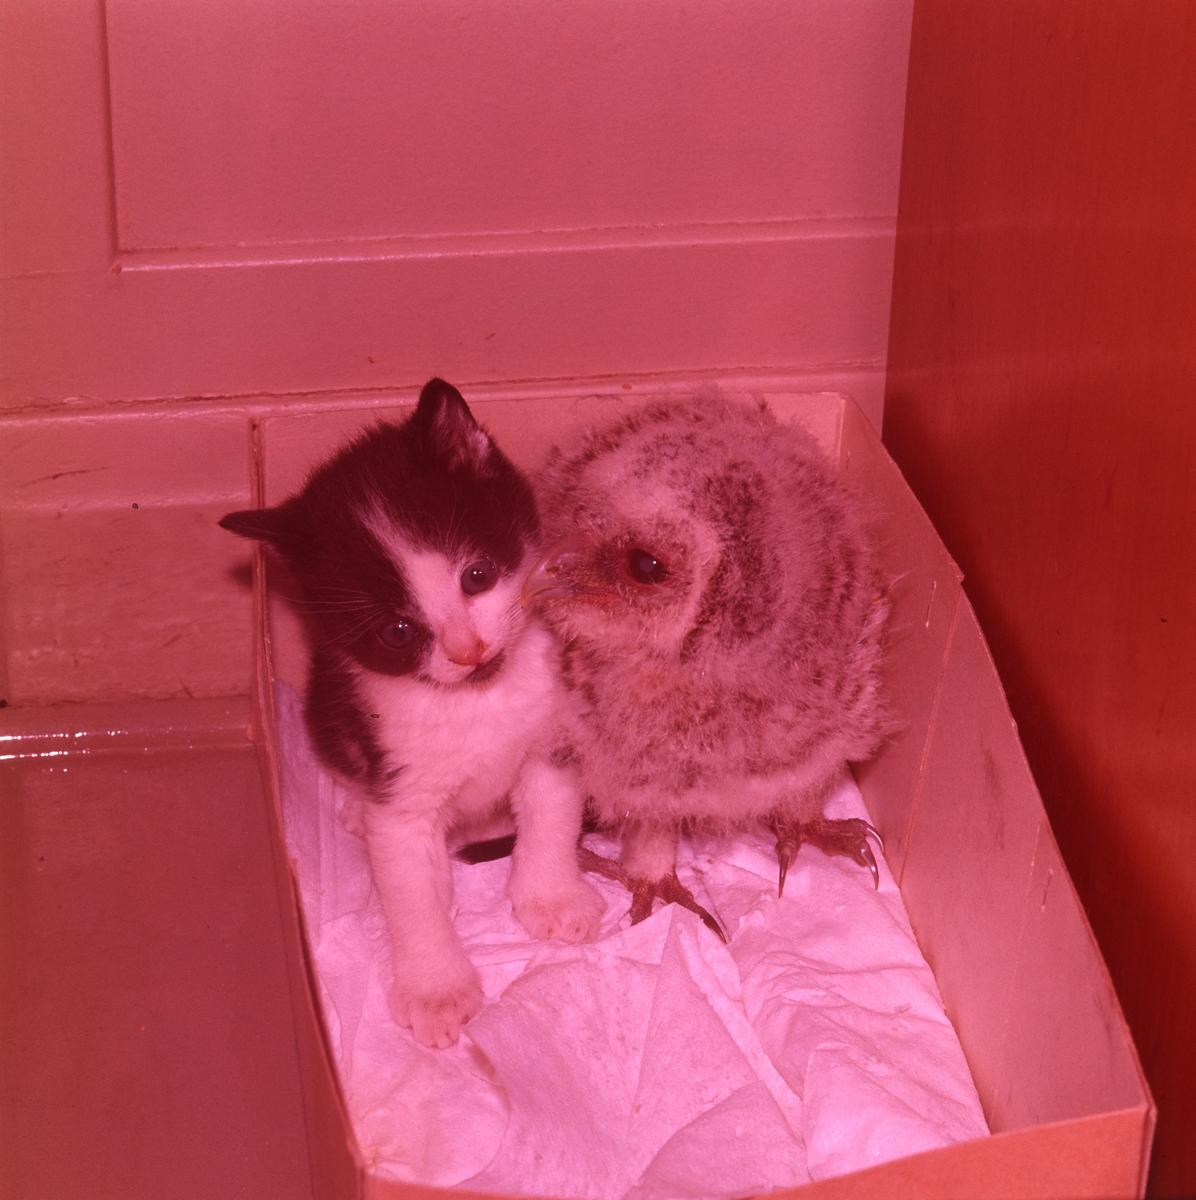 Två vänner, en kattunge och en uggleunge sitter tillsammans i en låda av kartong.